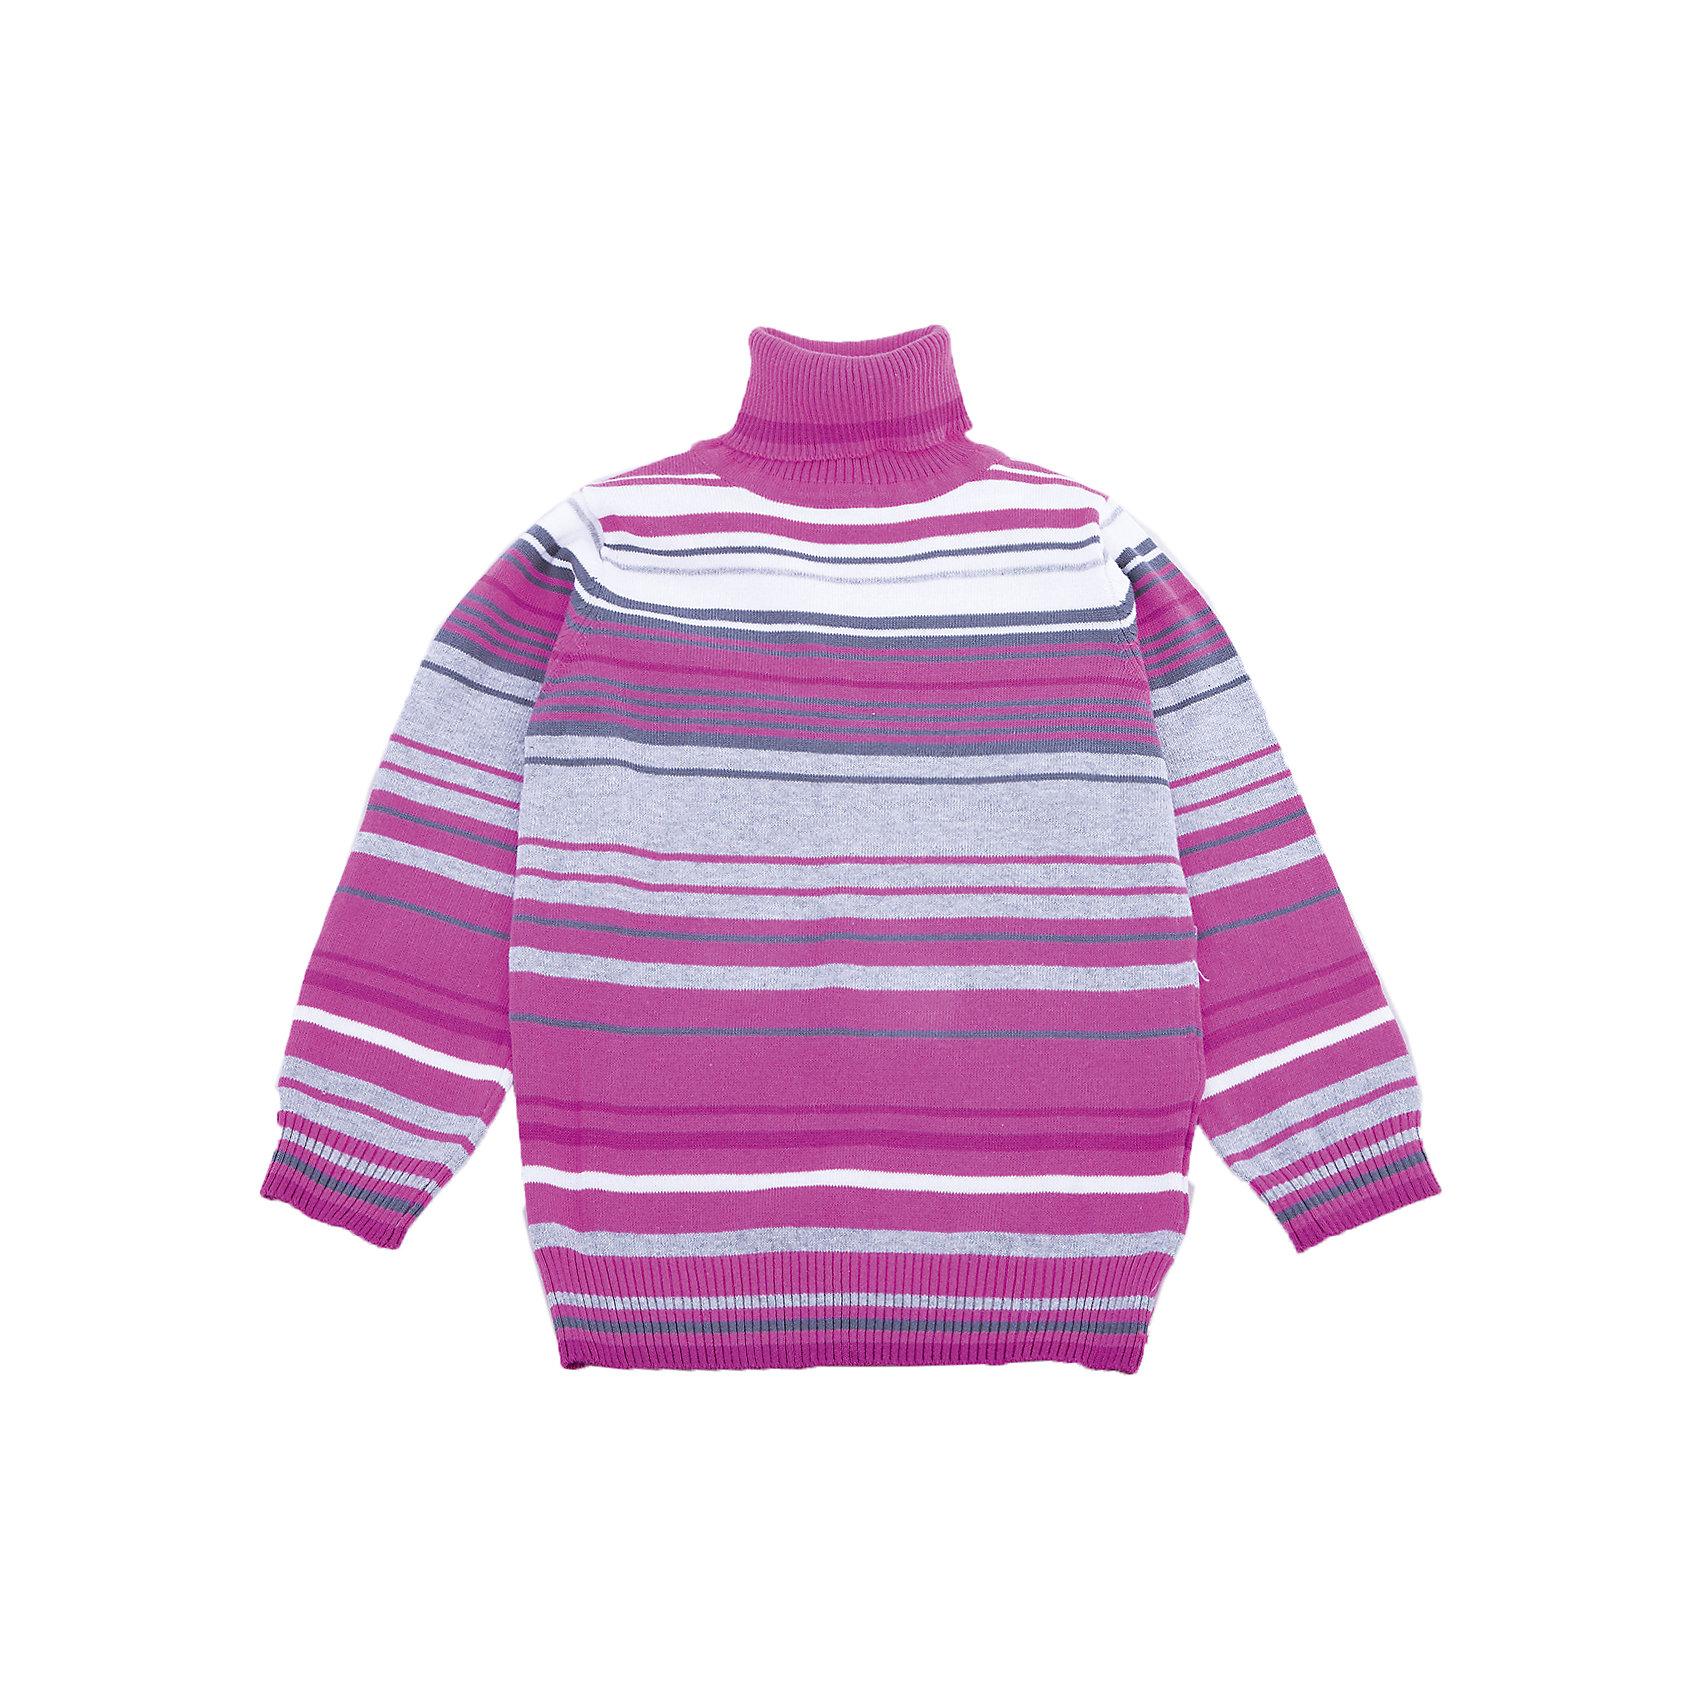 Свитер для девочки PlayTodayСвитера и кардиганы<br>Свитер для девочки PlayToday<br>Свитер прекрасно подойдет для прохладной погоды, приятен к телу и не сковывает движений ребенка. Материал изделия изготовлен методом yarn dyed - в процессе производства в полотне используются разного цвета нити. Тем самым изделие, при рекомендуемом уходе, не линяет и надолго остается в прежнем виде, это определенный знак качества. Мягкие резинки на манжетах и по низу изделия позволяют ему держать форму.  <br><br>Преимущества: <br><br>Метод производства - YARN DYED<br>Мягкие резинки на манжетах и по низу изделия<br>Натуральный материал приятен к телу<br><br>Состав:<br>80% хлопок, 20% нейлон<br><br>Ширина мм: 190<br>Глубина мм: 74<br>Высота мм: 229<br>Вес г: 236<br>Цвет: разноцветный<br>Возраст от месяцев: 36<br>Возраст до месяцев: 48<br>Пол: Женский<br>Возраст: Детский<br>Размер: 104,128,110,116,122,98<br>SKU: 5404076